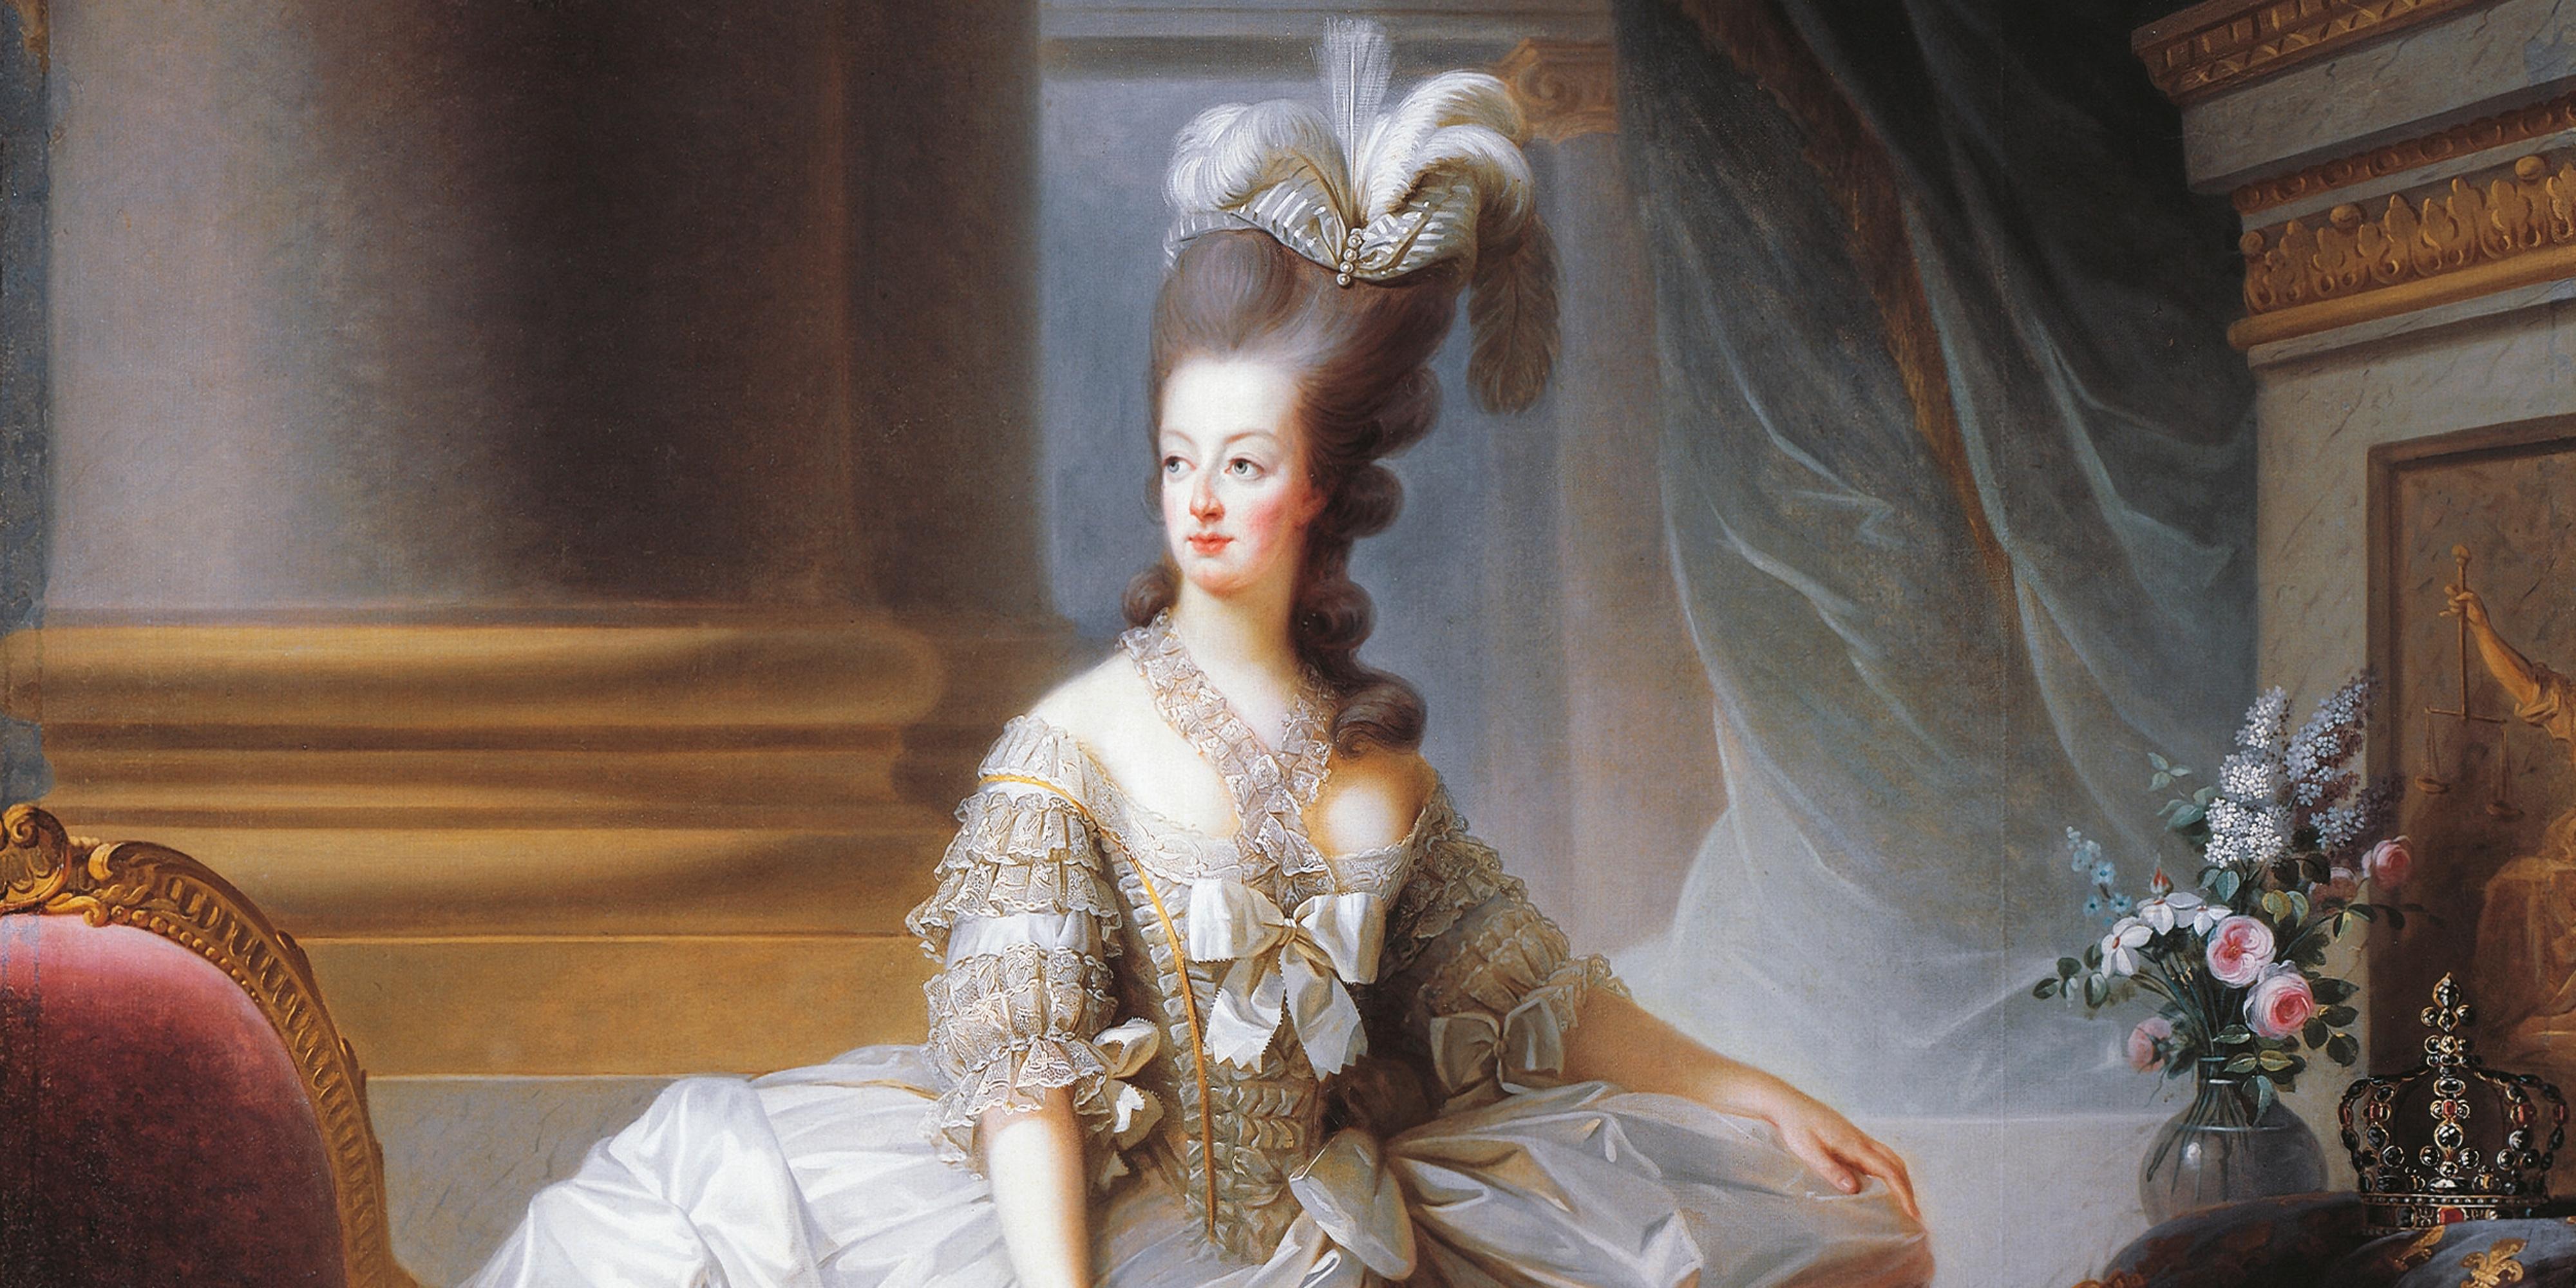 Marie antoinette love letters evelyn farr reveals affair for Marie antoinette wedding dress